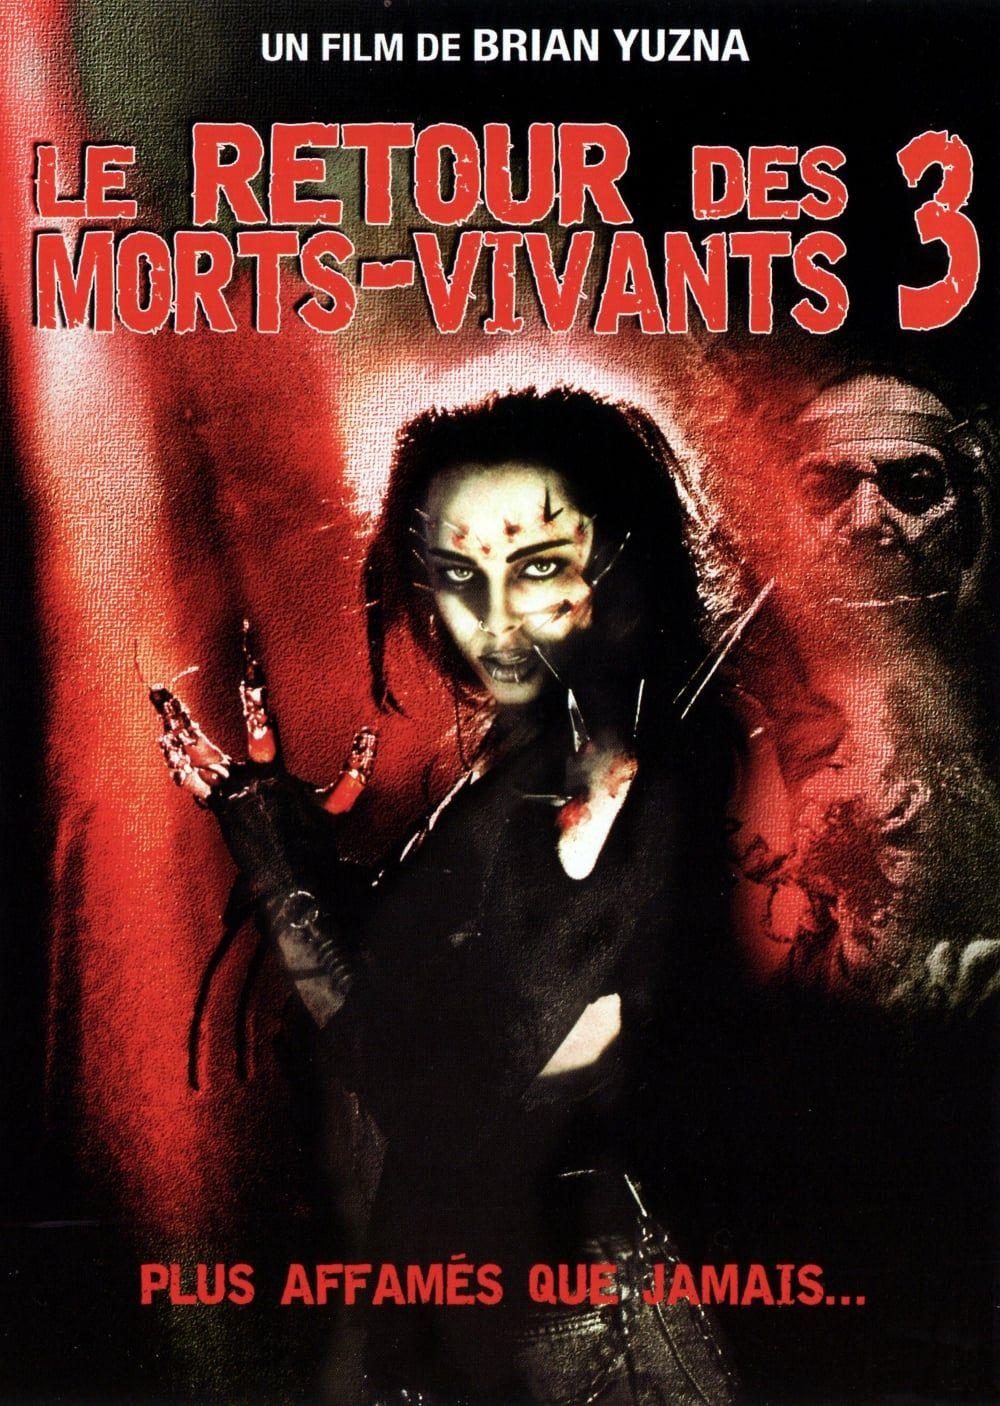 JE VIENS DE MATER UN FILM ! - Page 4 Le_retour_des_morts_vivants_3